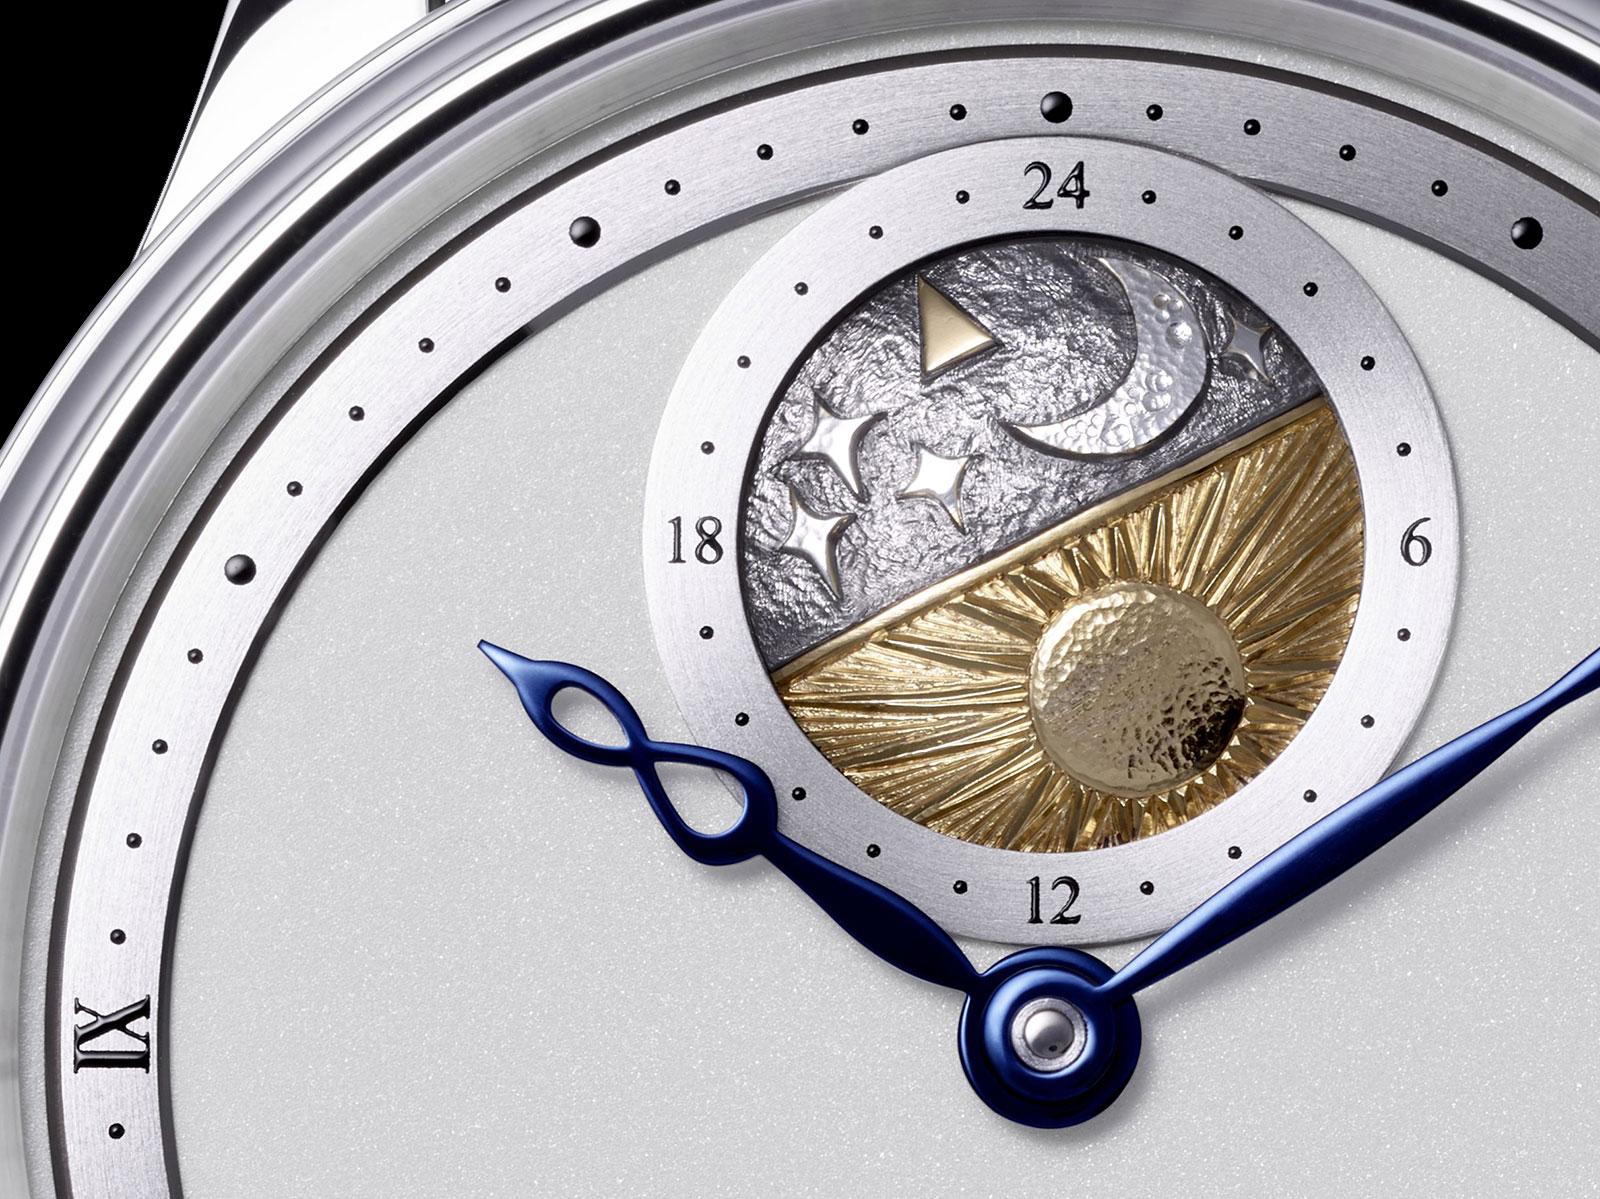 Kudoke 2 watch 2